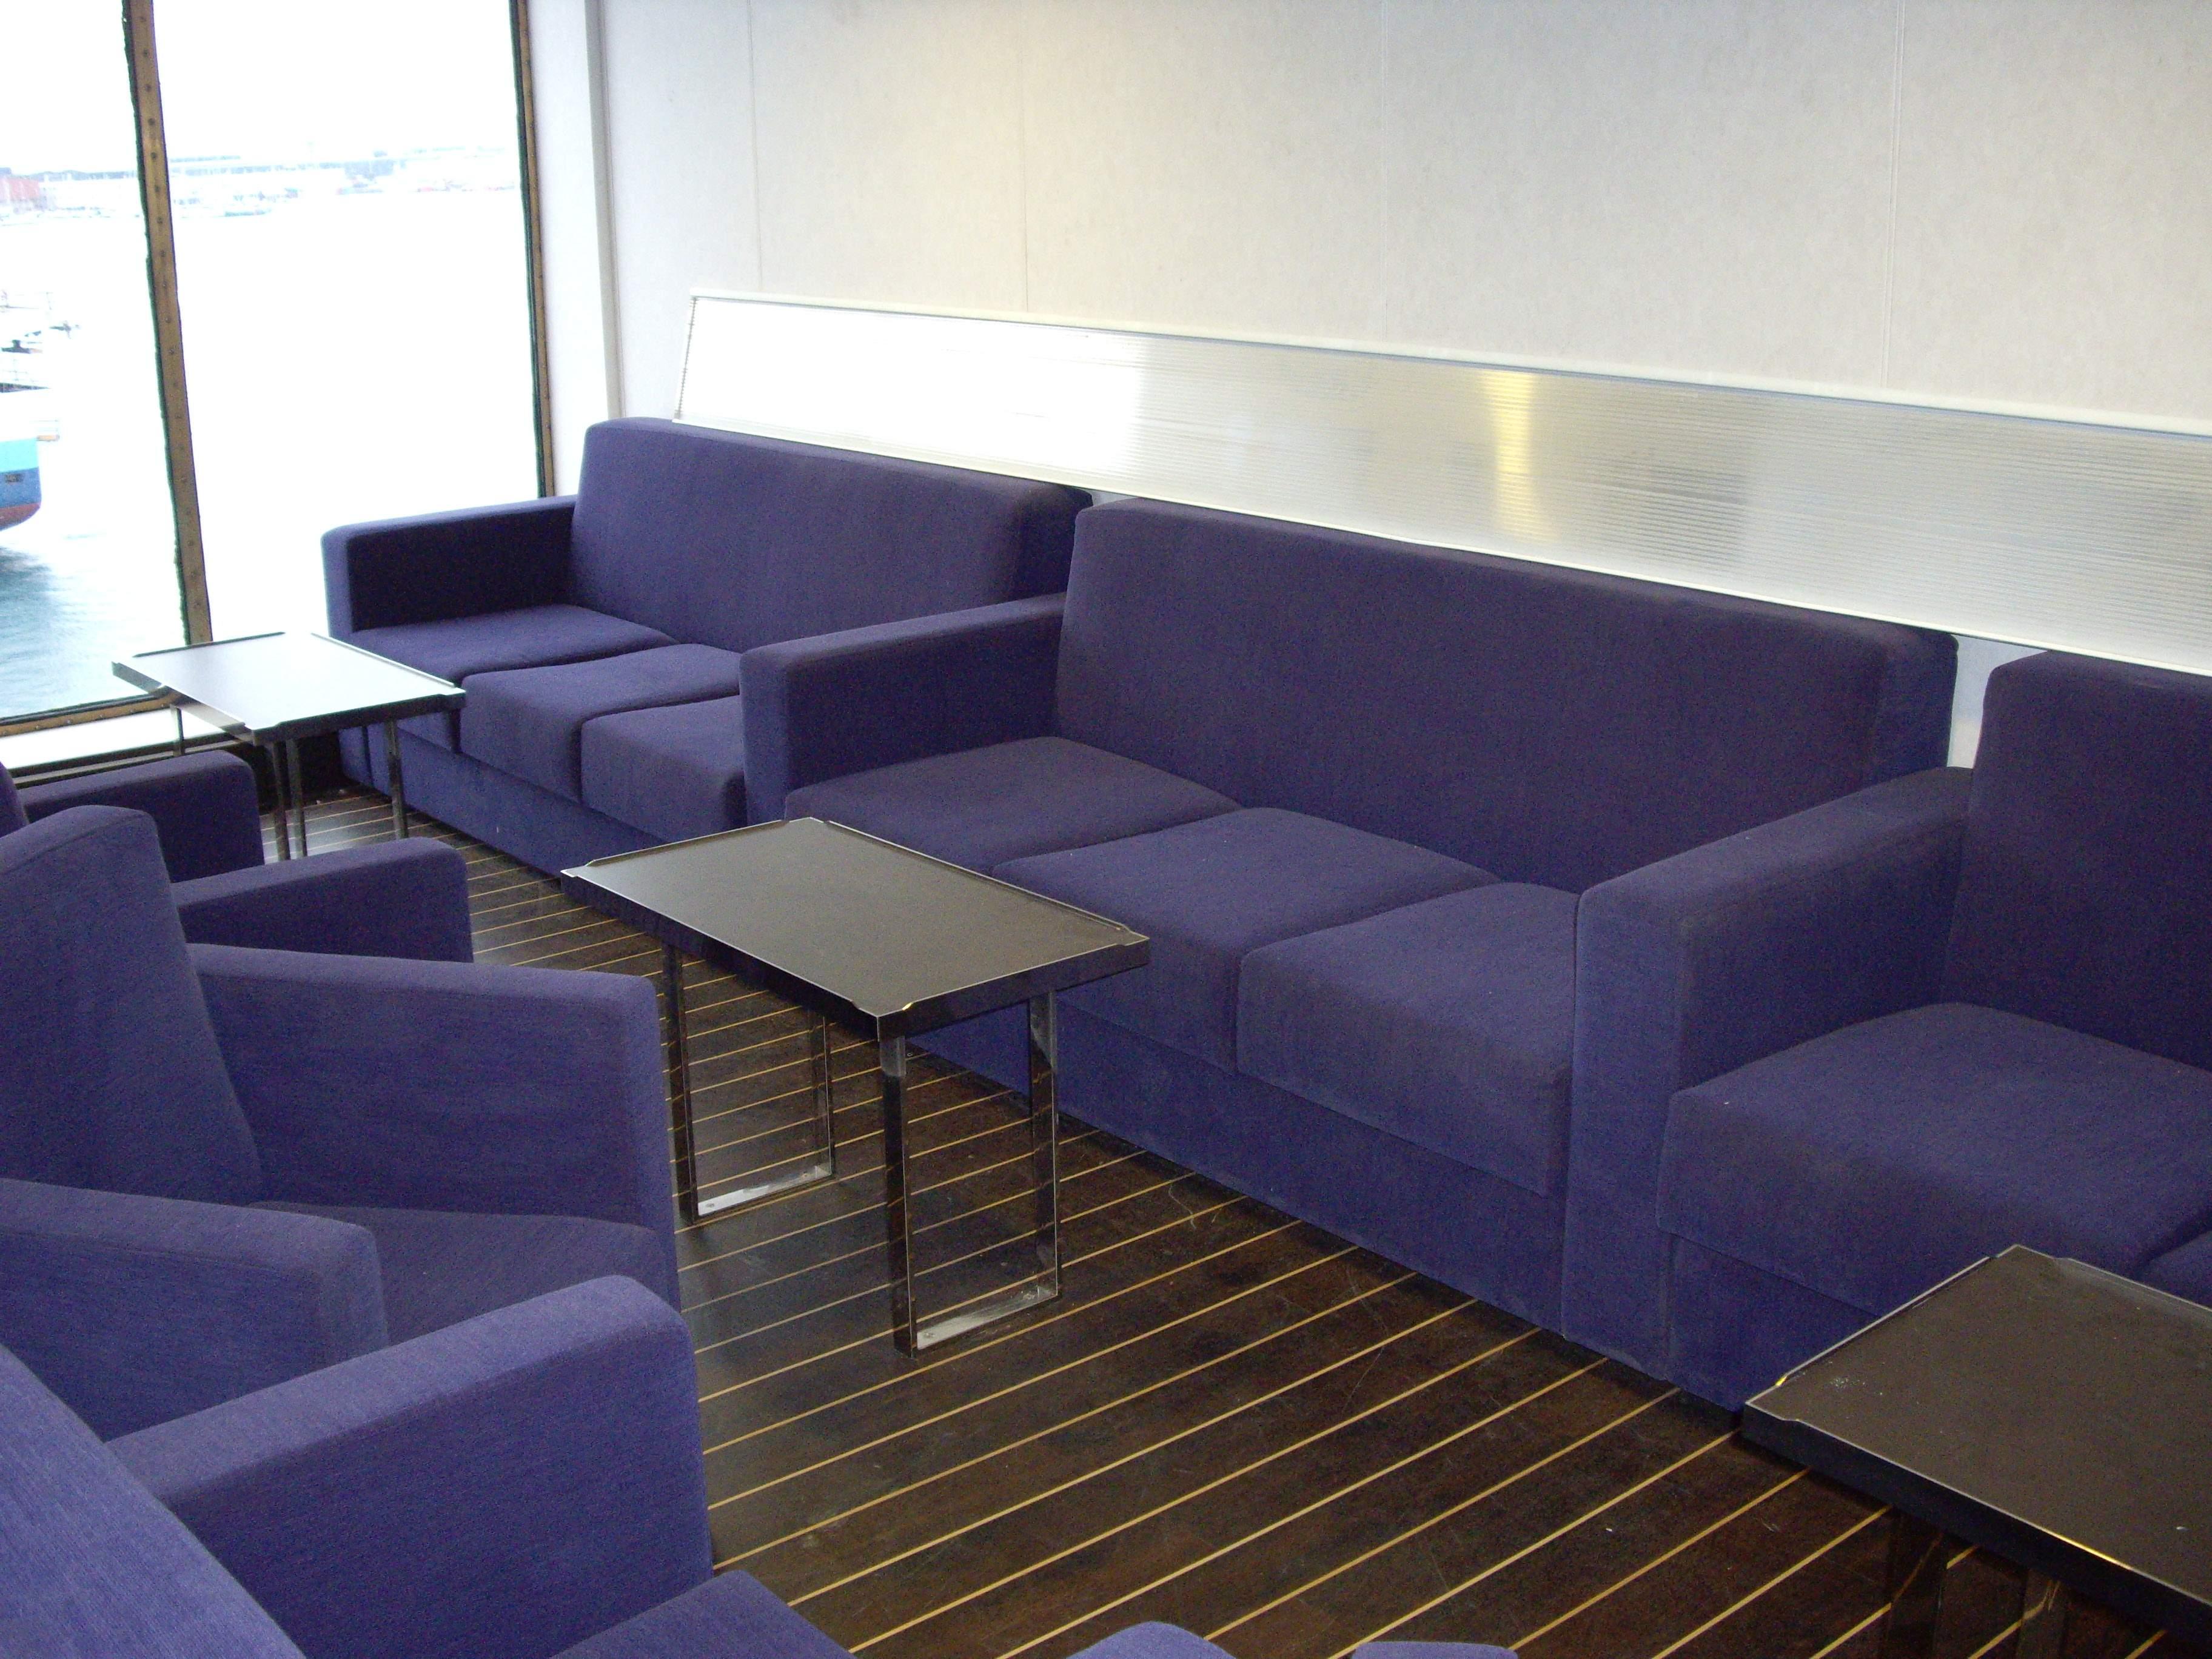 Sillones para conjunto mesa extensible y sillones para - Sillones para recibidor ...